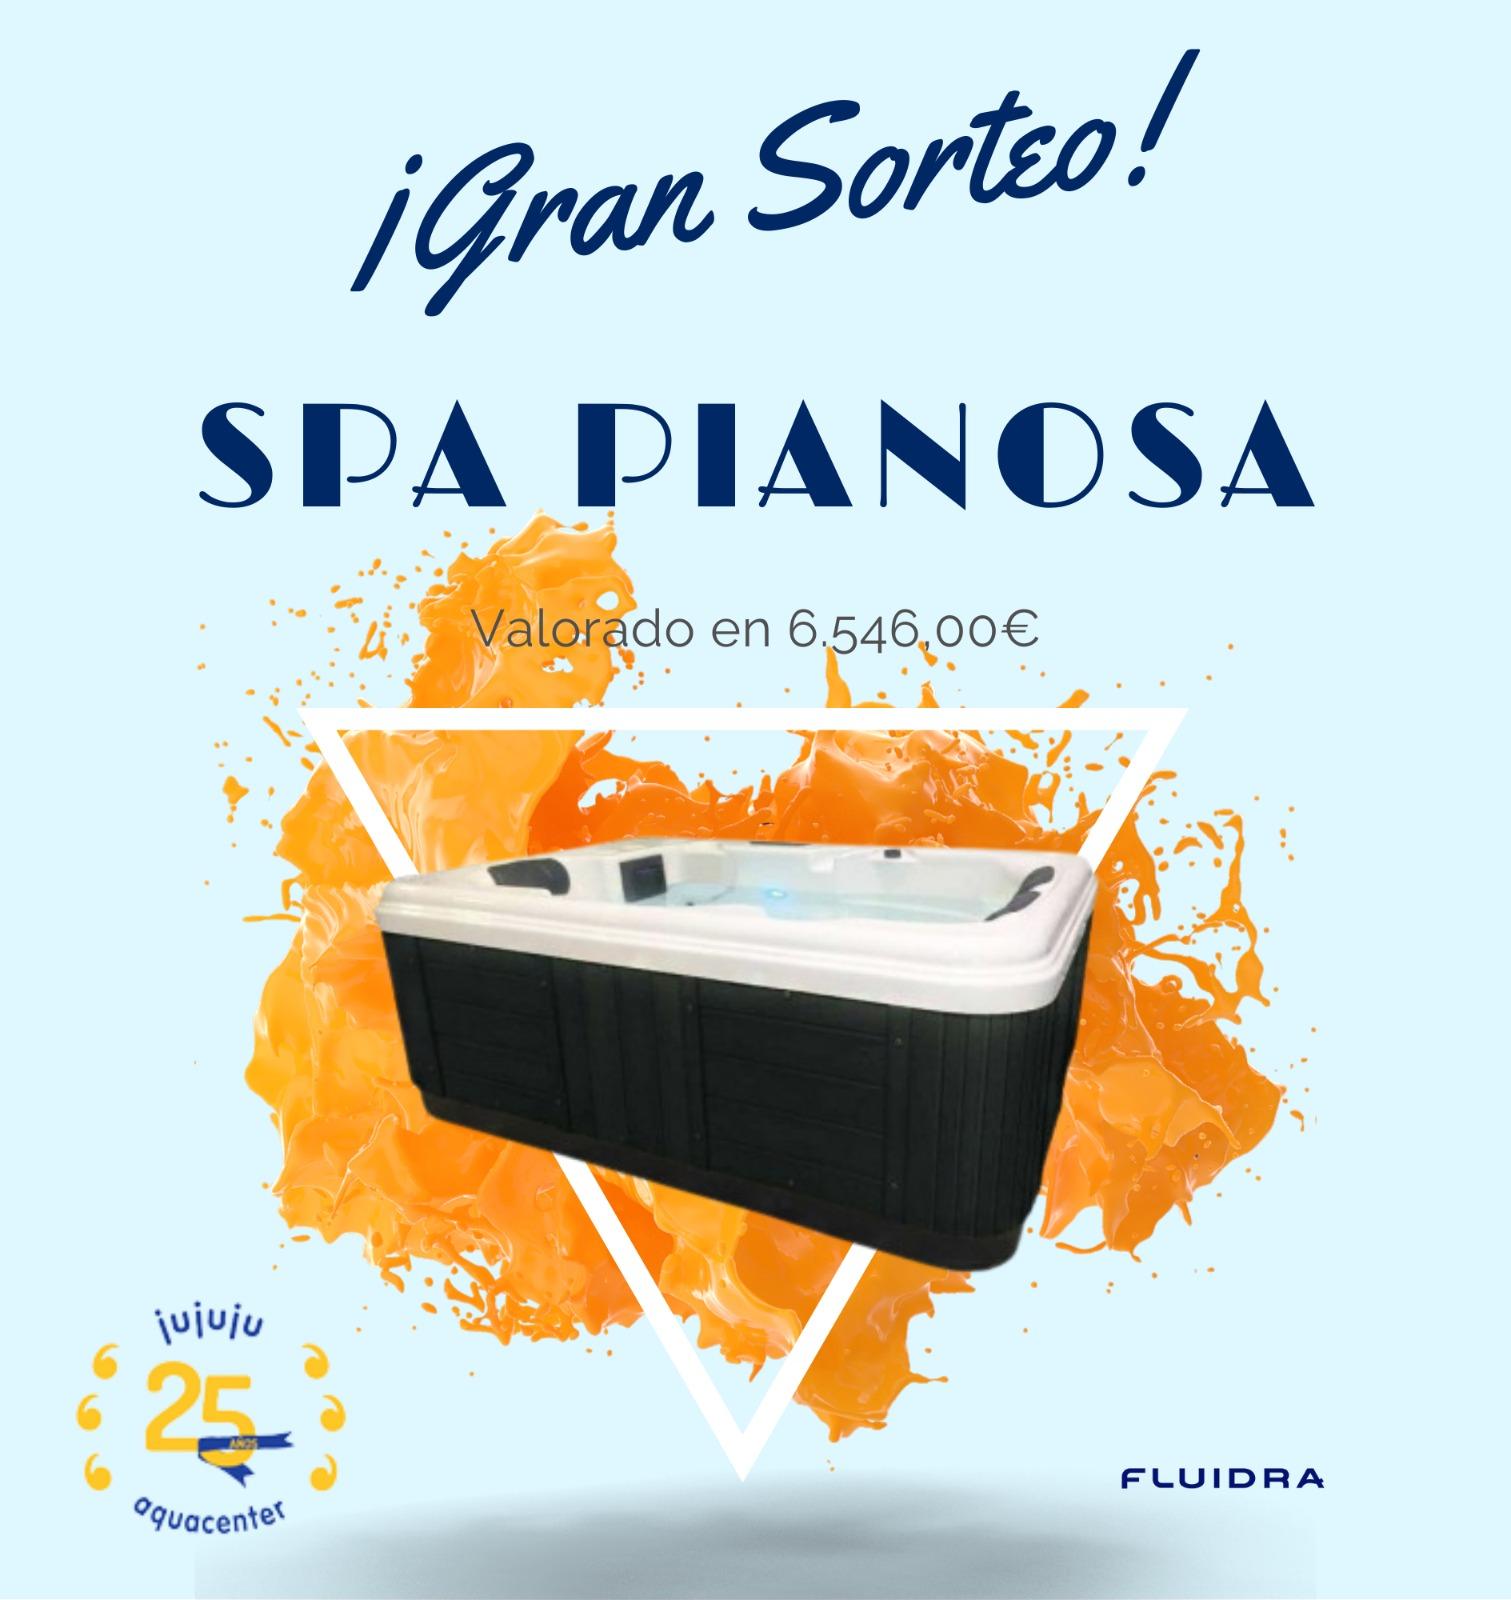 Gran sorteo spa pianosa jujuju aquacenter benissa jalon javea denia calpe altea benidorm teulada moraira